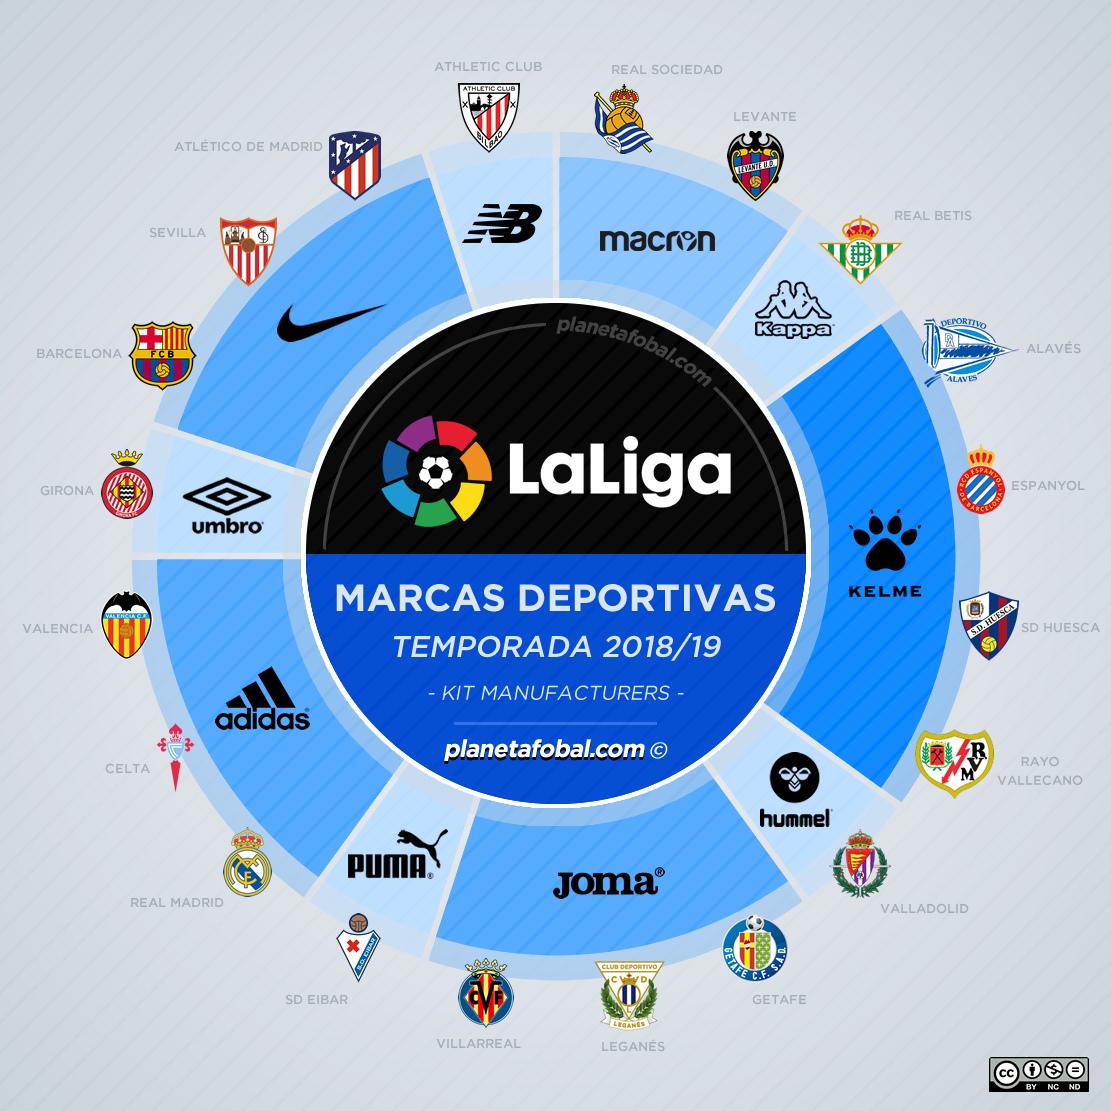 As fabricantes esportivas no Campeonato Espanhol 2018 19 - Show de ... abe6e361cd82c